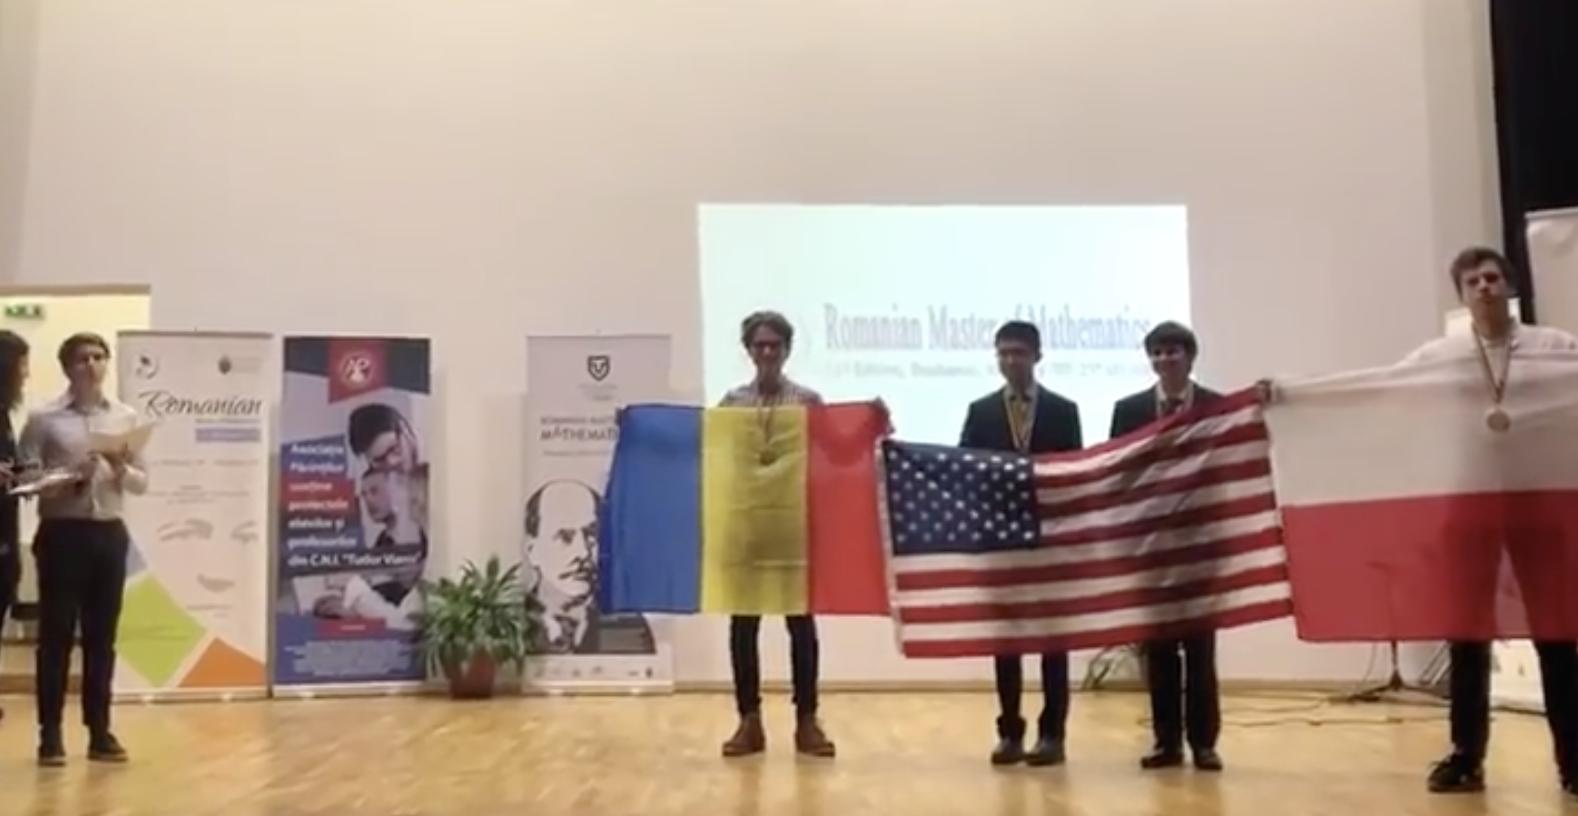 Edis Memis, premiat cu medalie de aur la Concursul International Master of Mathematics